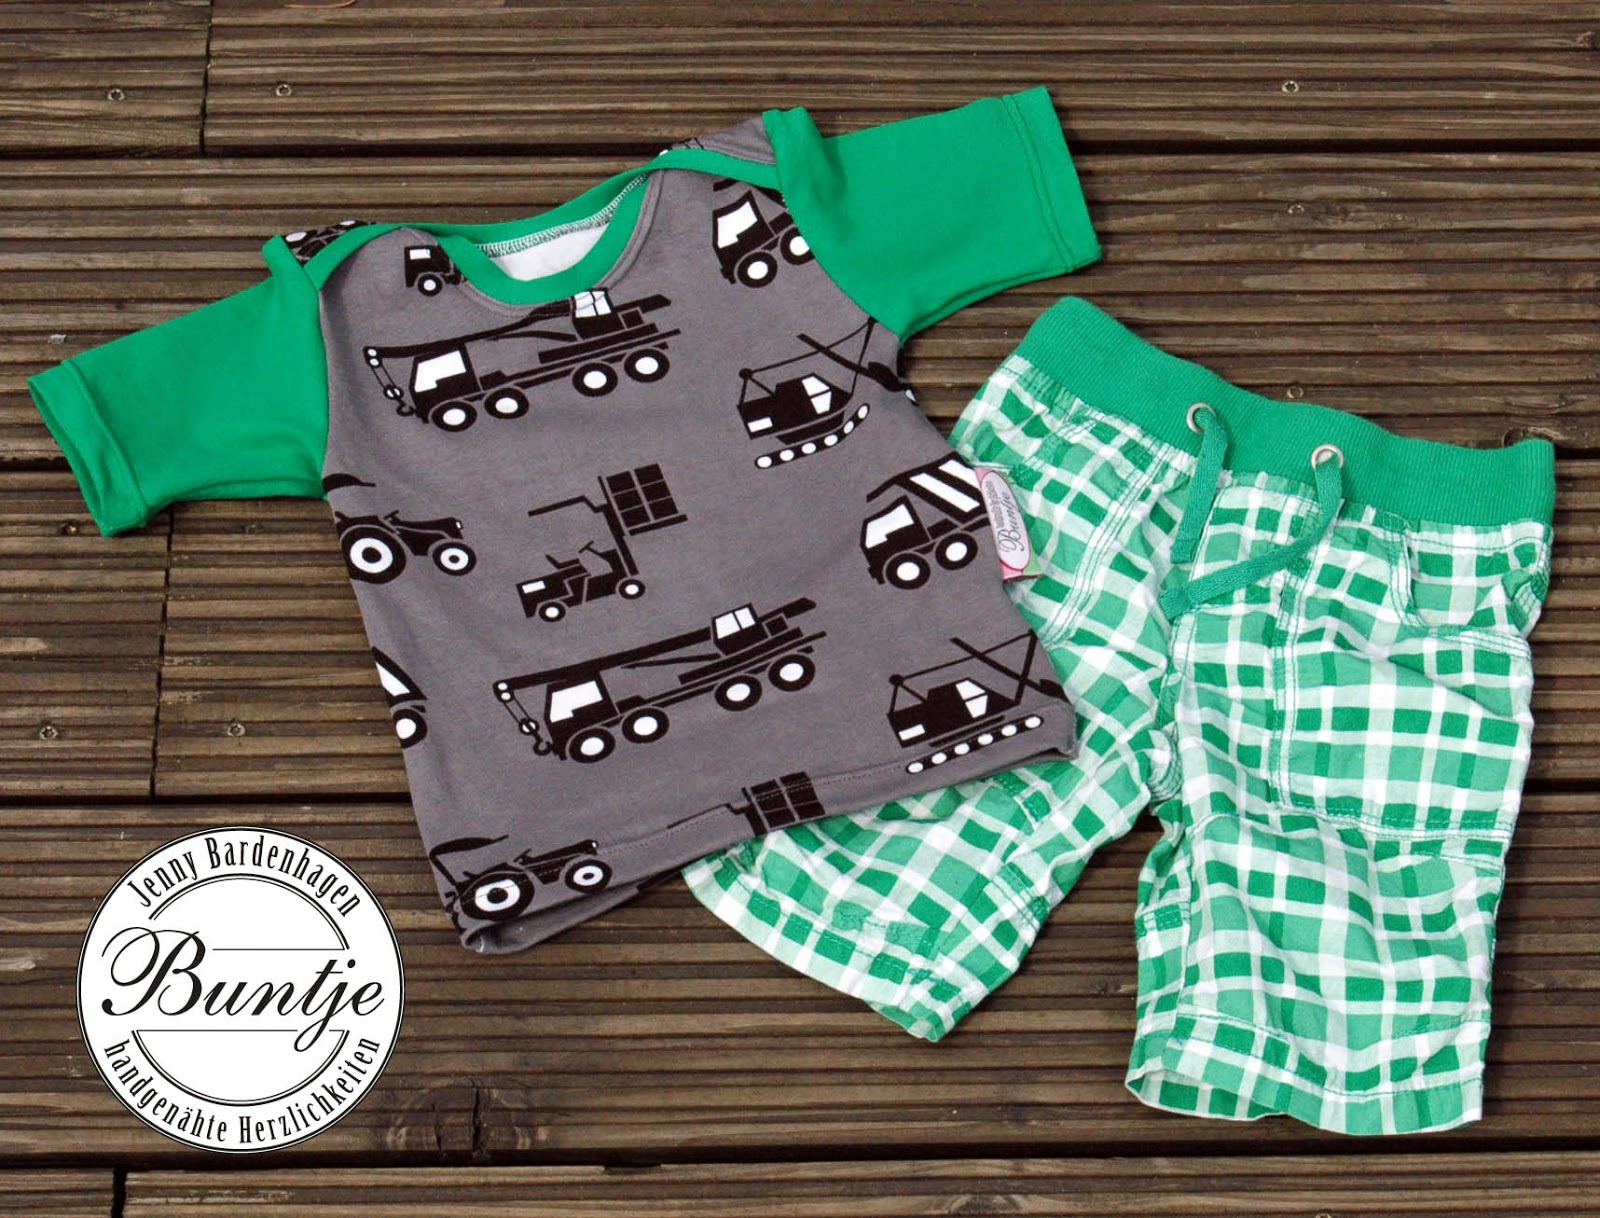 Shirt T-Shirt Baby Junge Geschenk Geburt Taufe Geburtstag Farbenmix Zwergenverpackung grün weiß grau Fahrzeuge LKW amerikanischer Ausschnitt handmade nähen Buntje Werder Bremen Windelliga